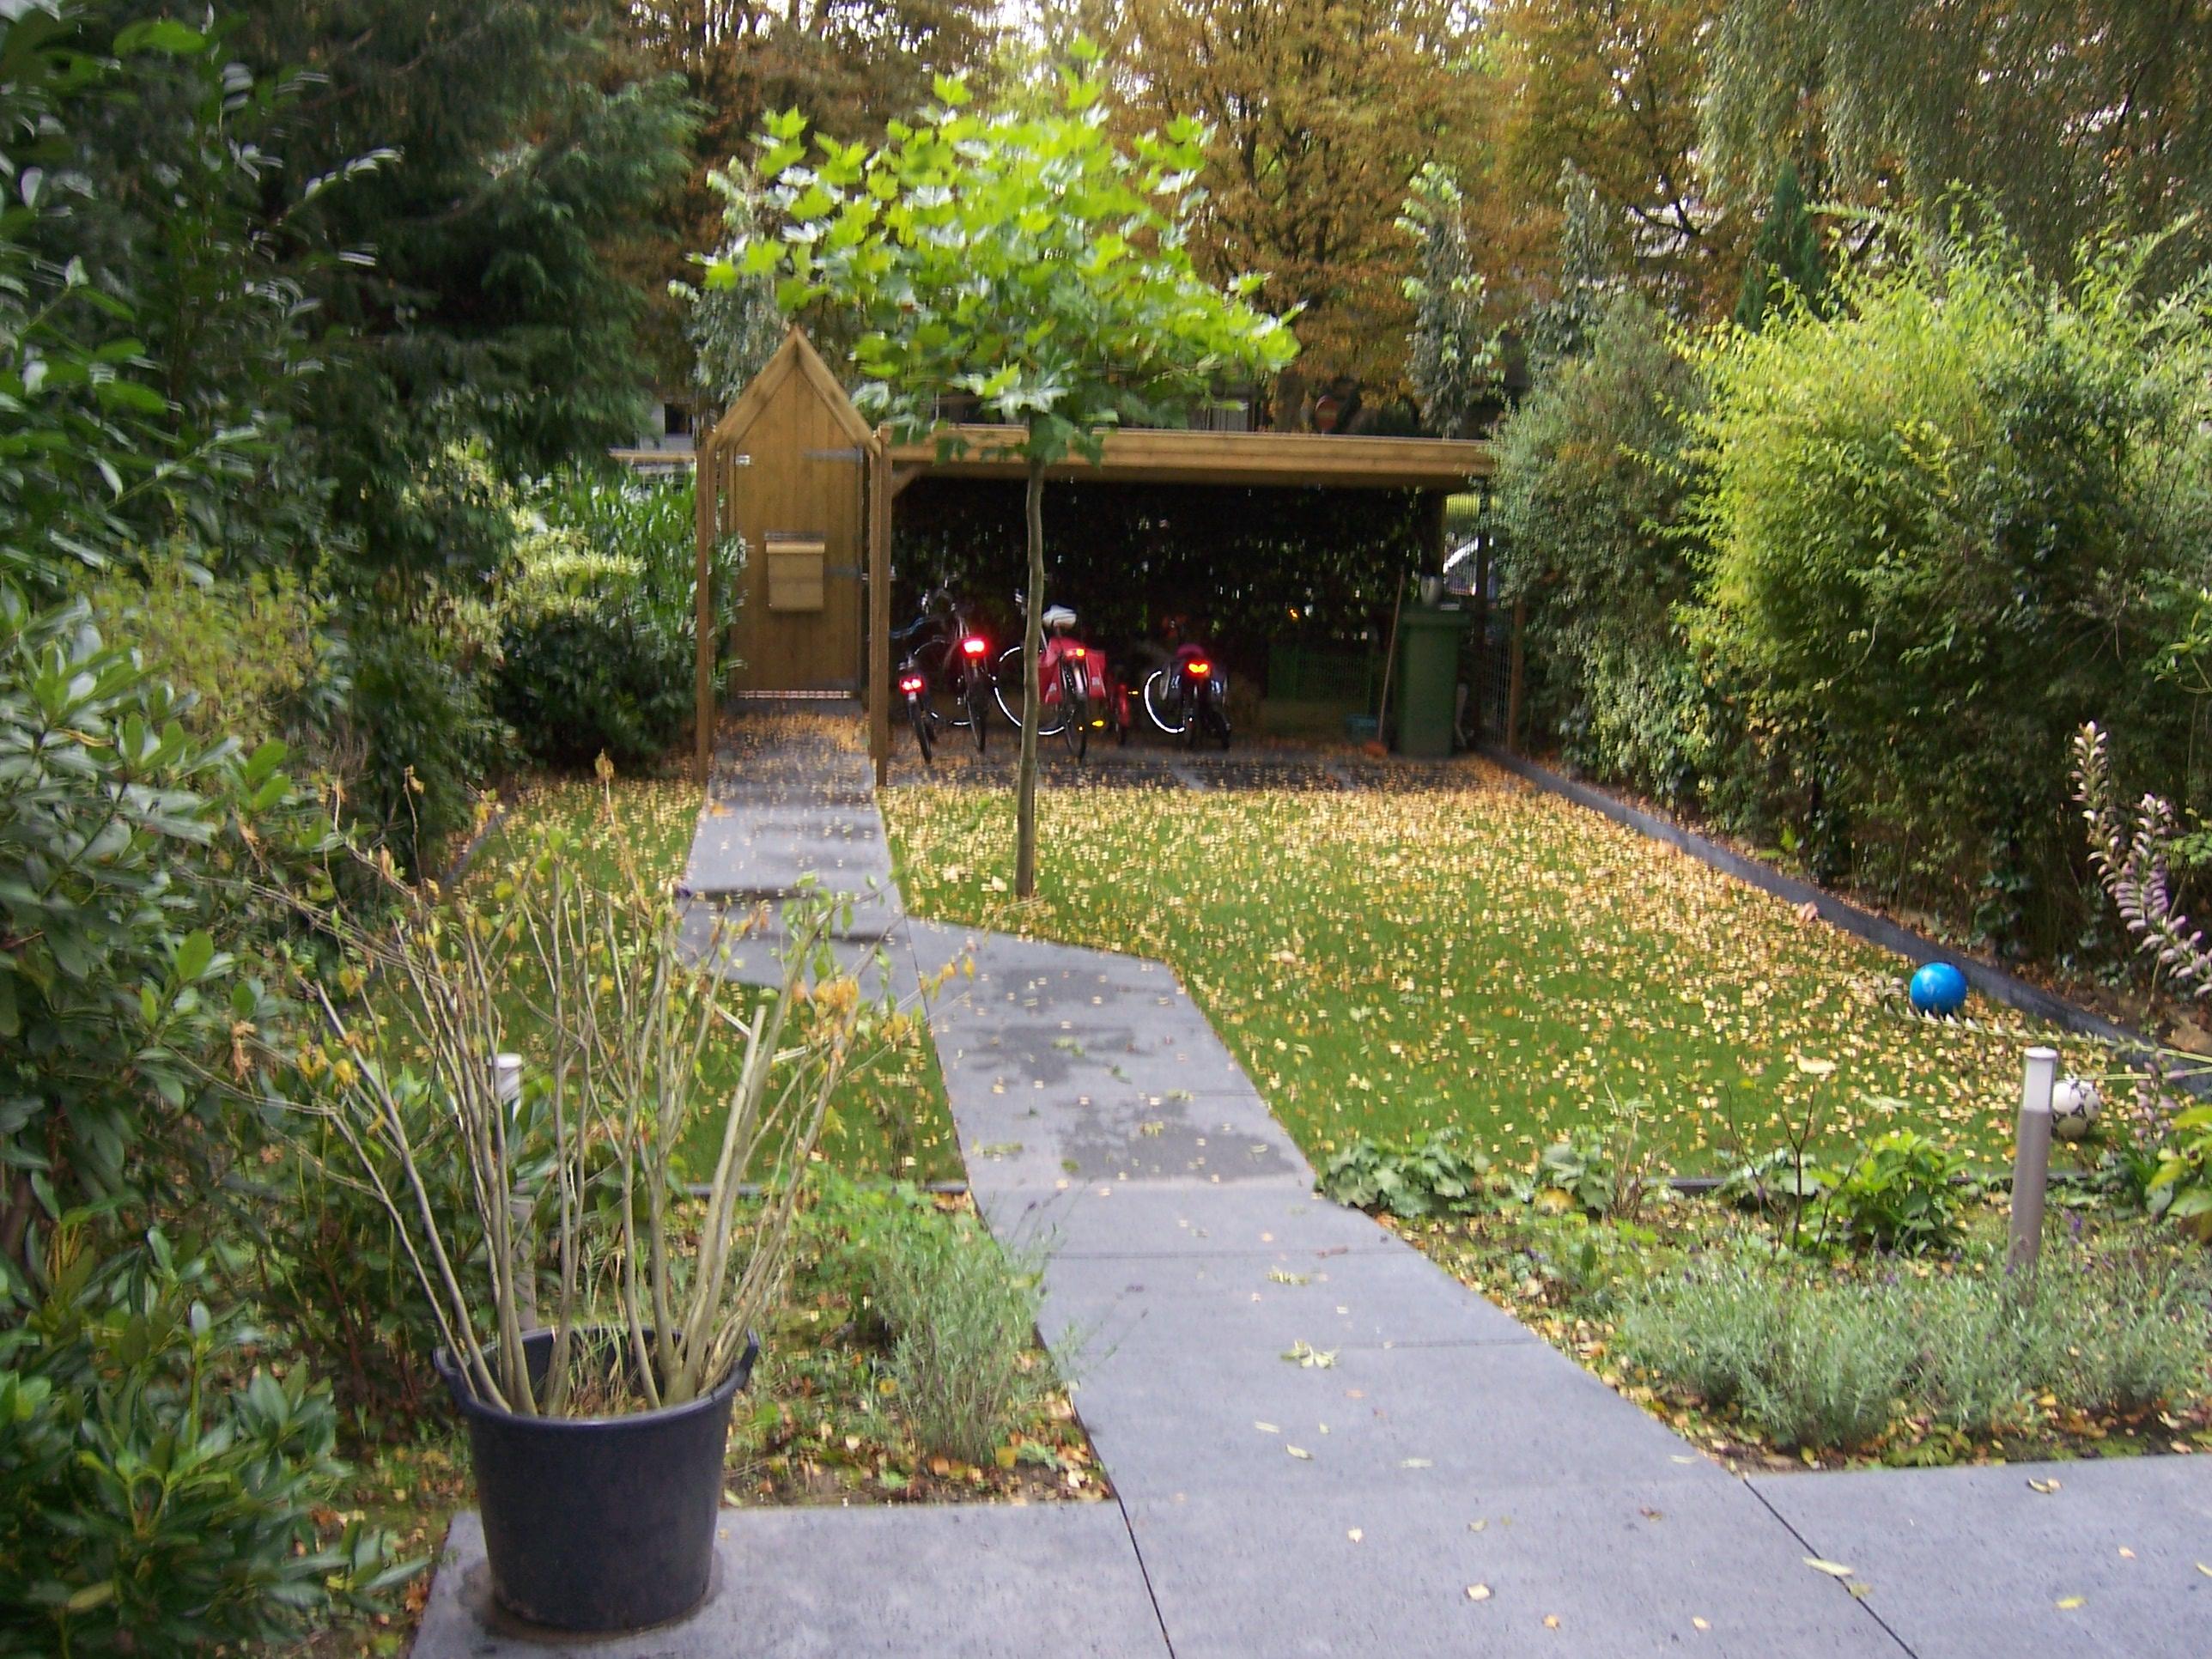 Gratis tuinontwerp laten maken perfect d tuinontwerp for Tuinontwerp intratuin